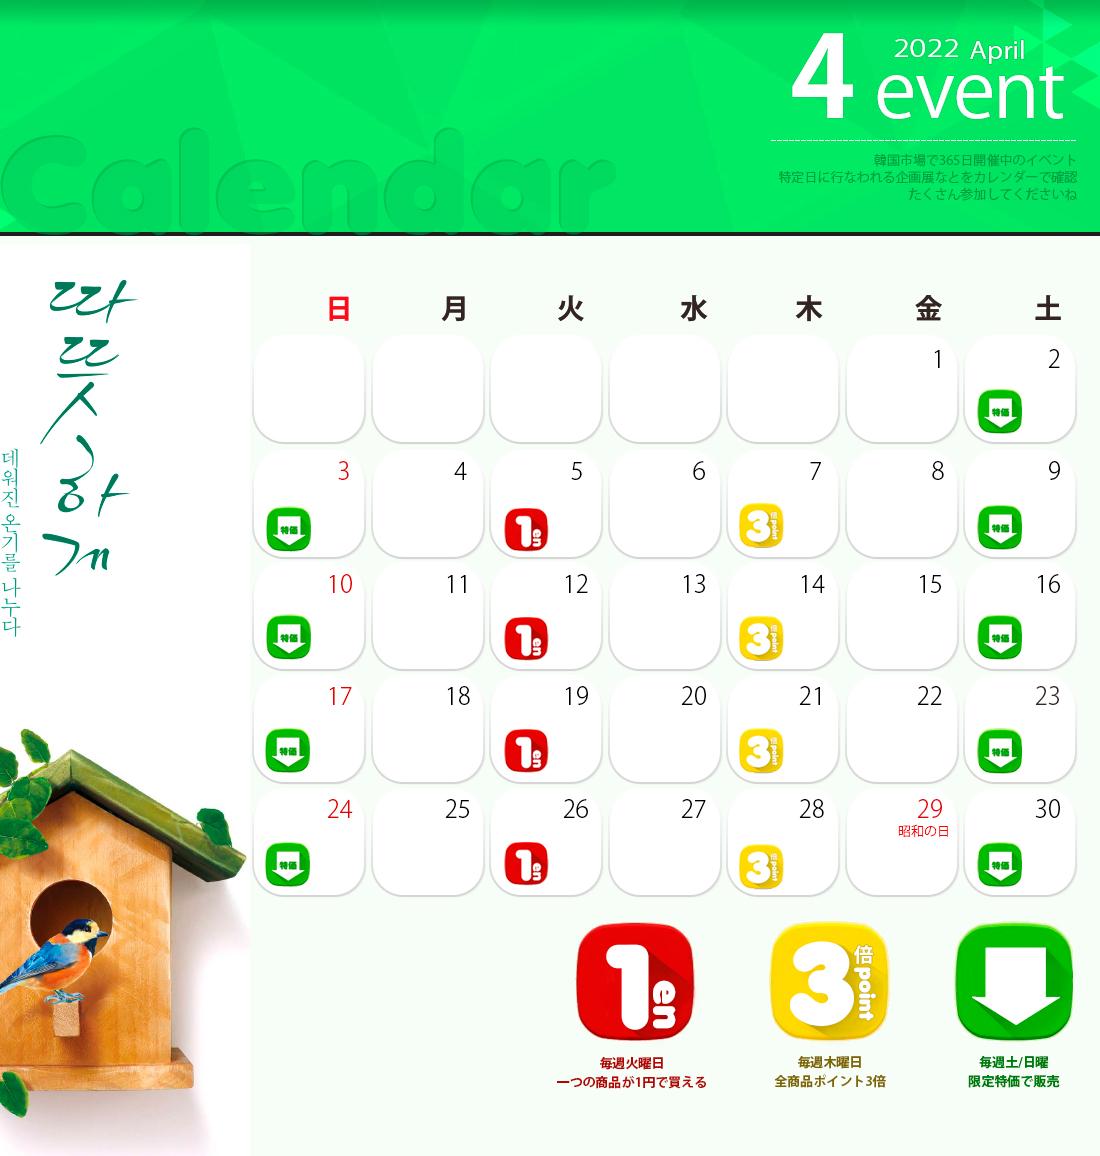 韓国市場4月イベント